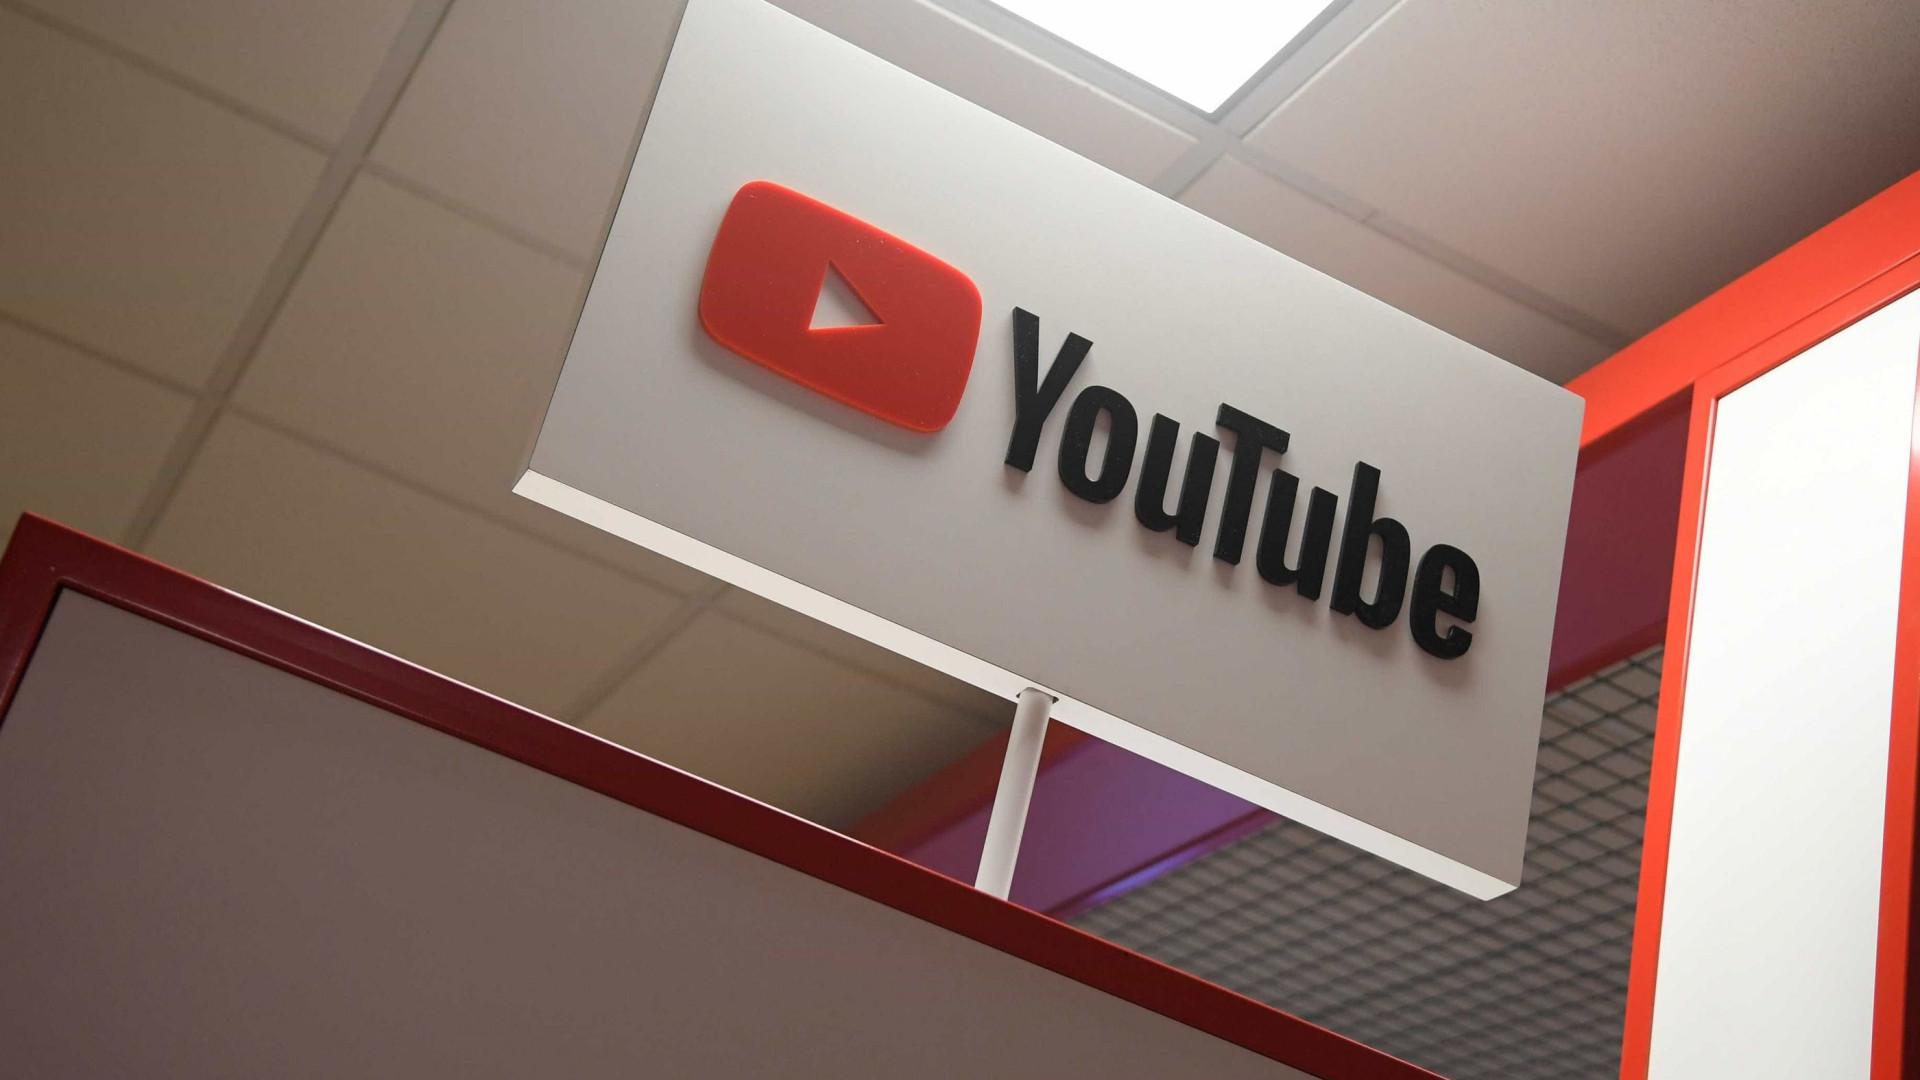 Maioria usa o YouTube para aprender, diz investigação